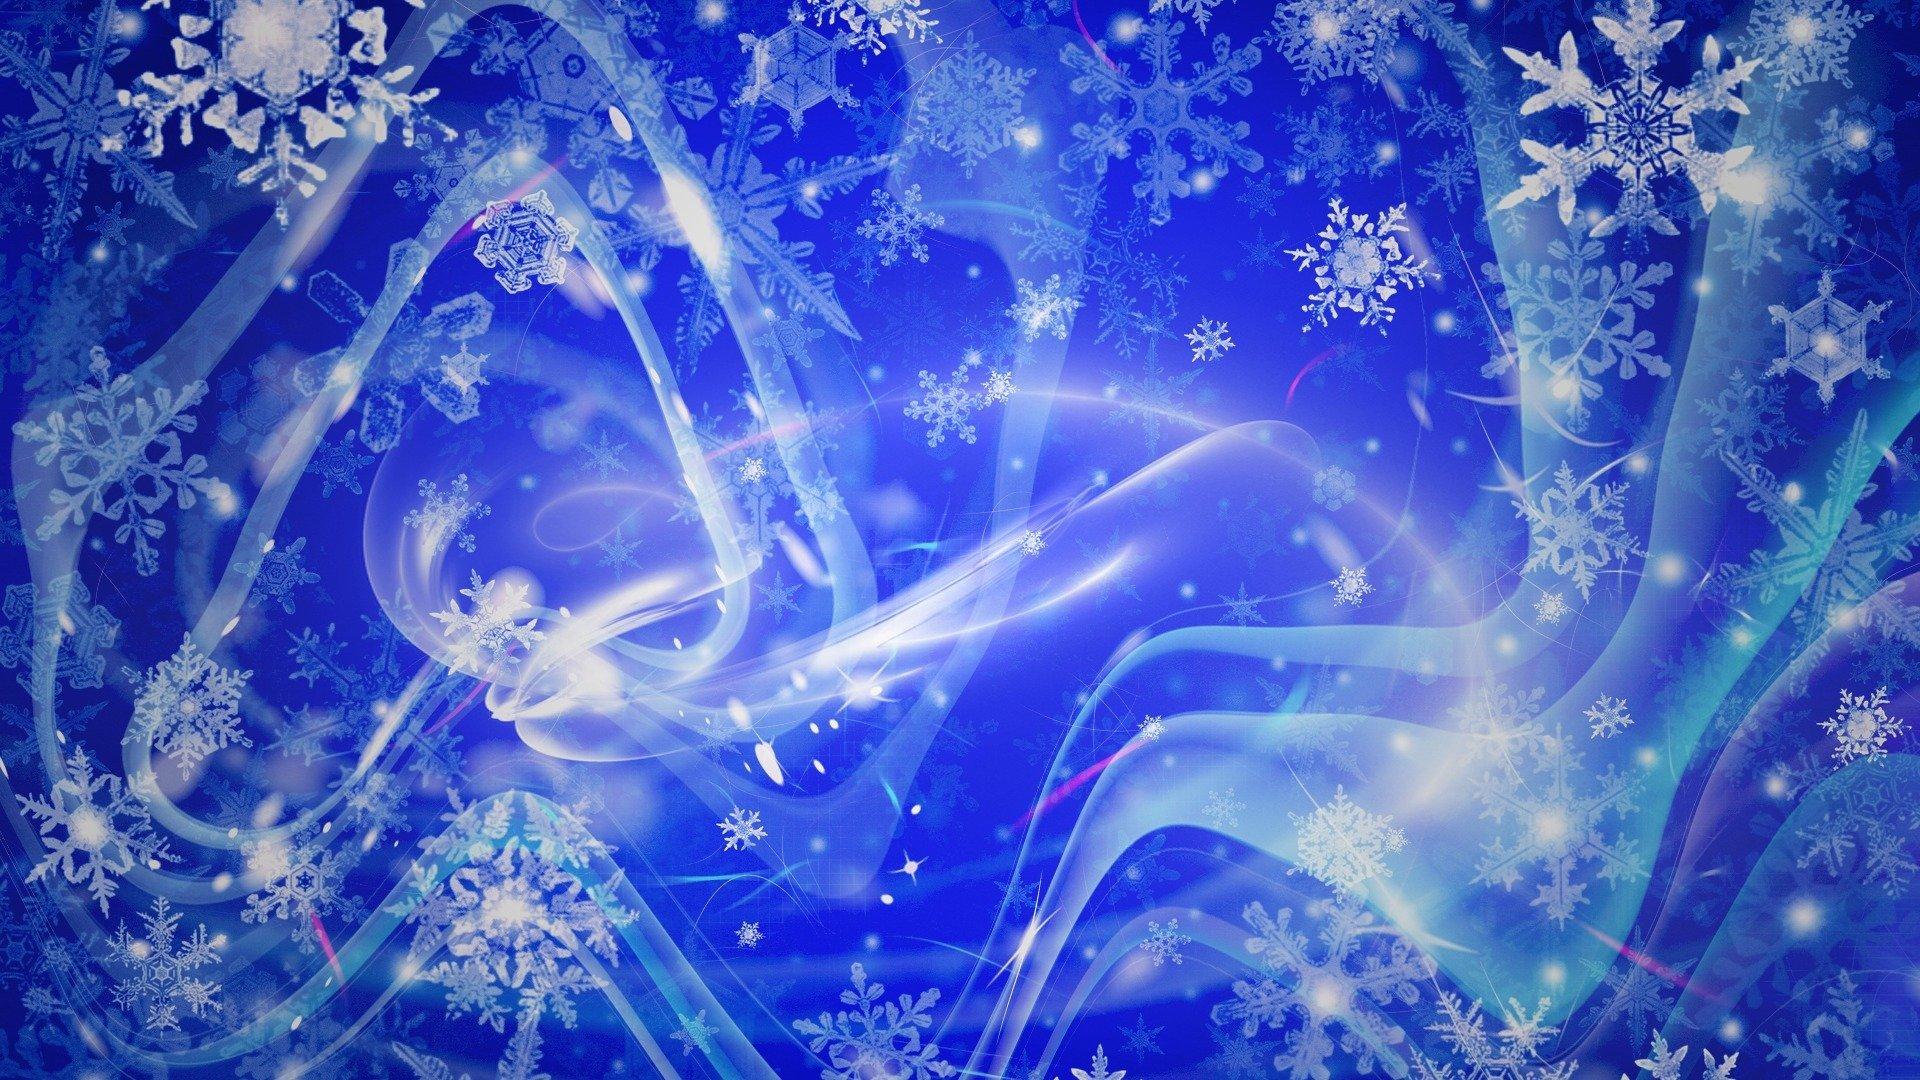 основной красивые картинки для фона зимние знаний